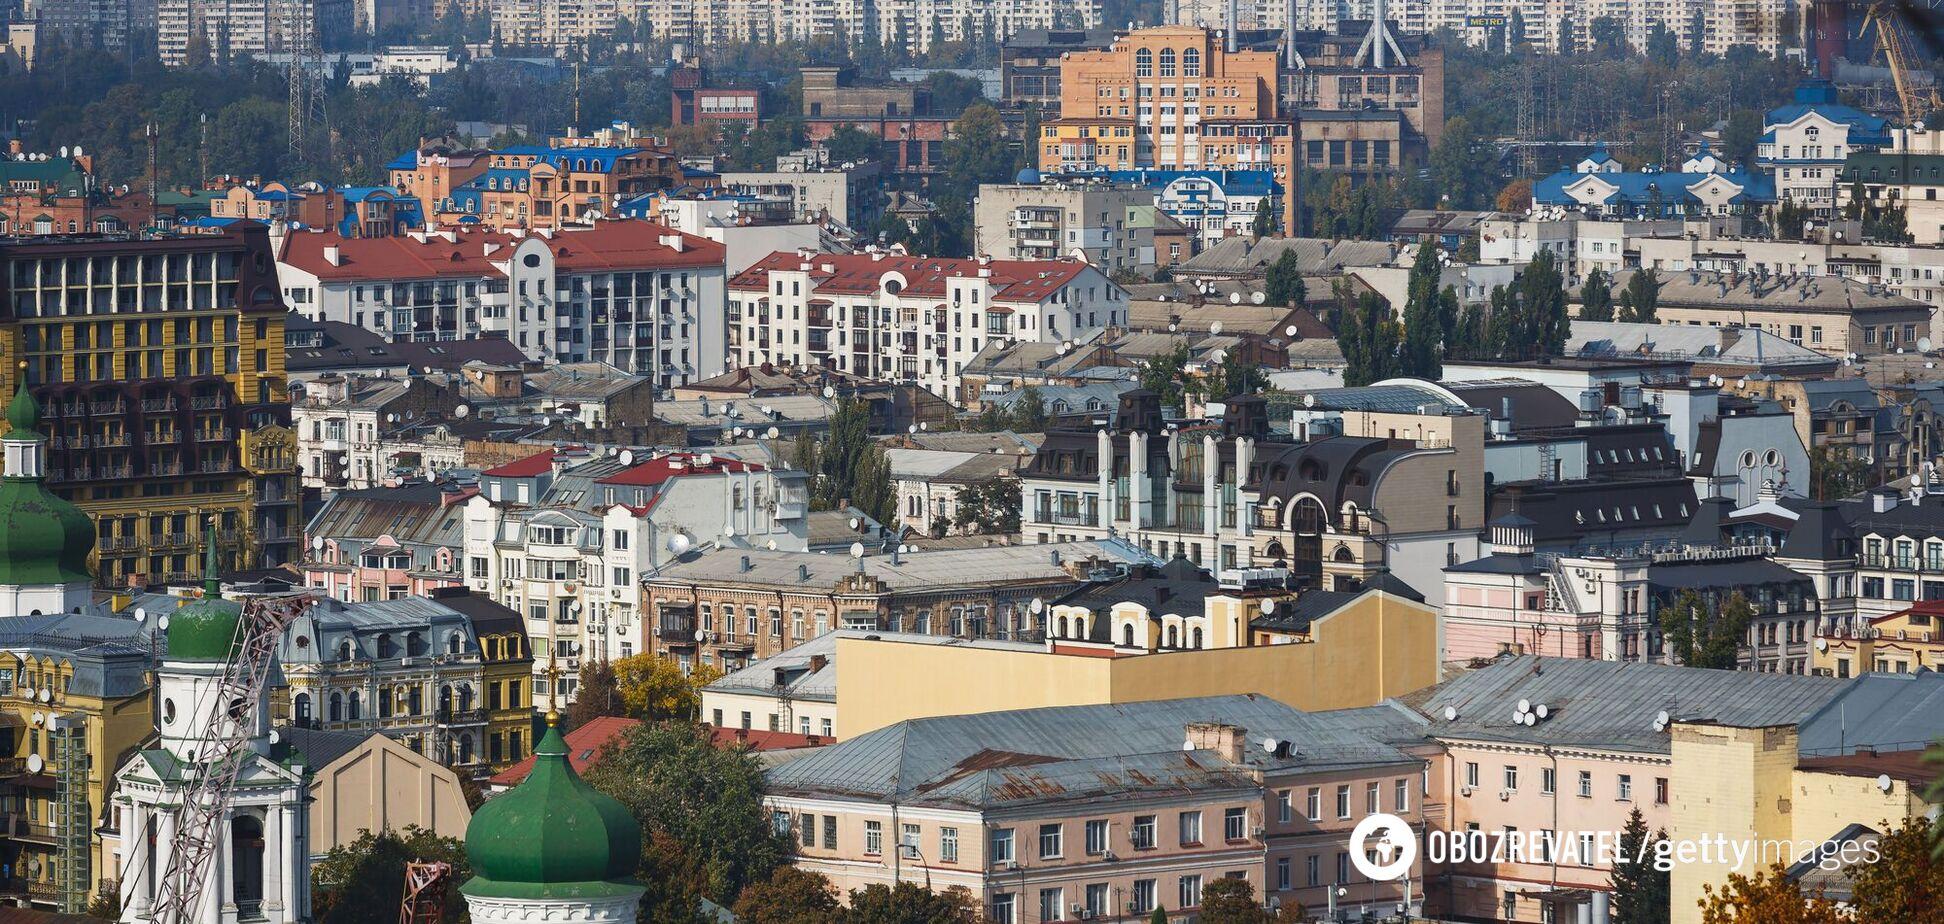 Toyota збудує власне місто: чим привабливі такі проекти для України і, зокрема, для Києва